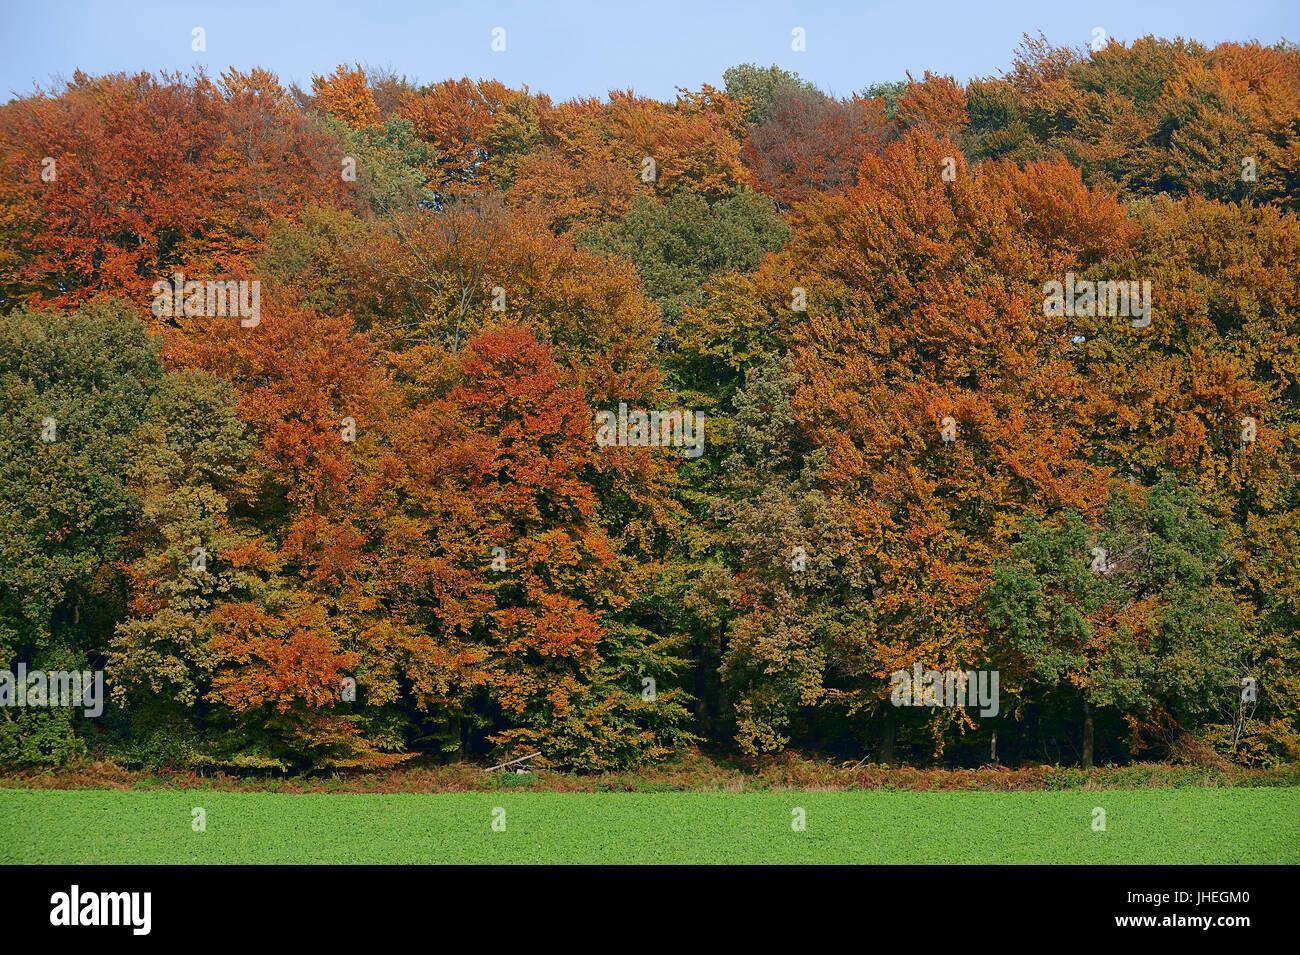 Deciduous forest in autumn, North Rhine-Westphalia, Germany | Laubwald im Herbst, Nordrhein-Westfalen, Deutschland - Stock Image